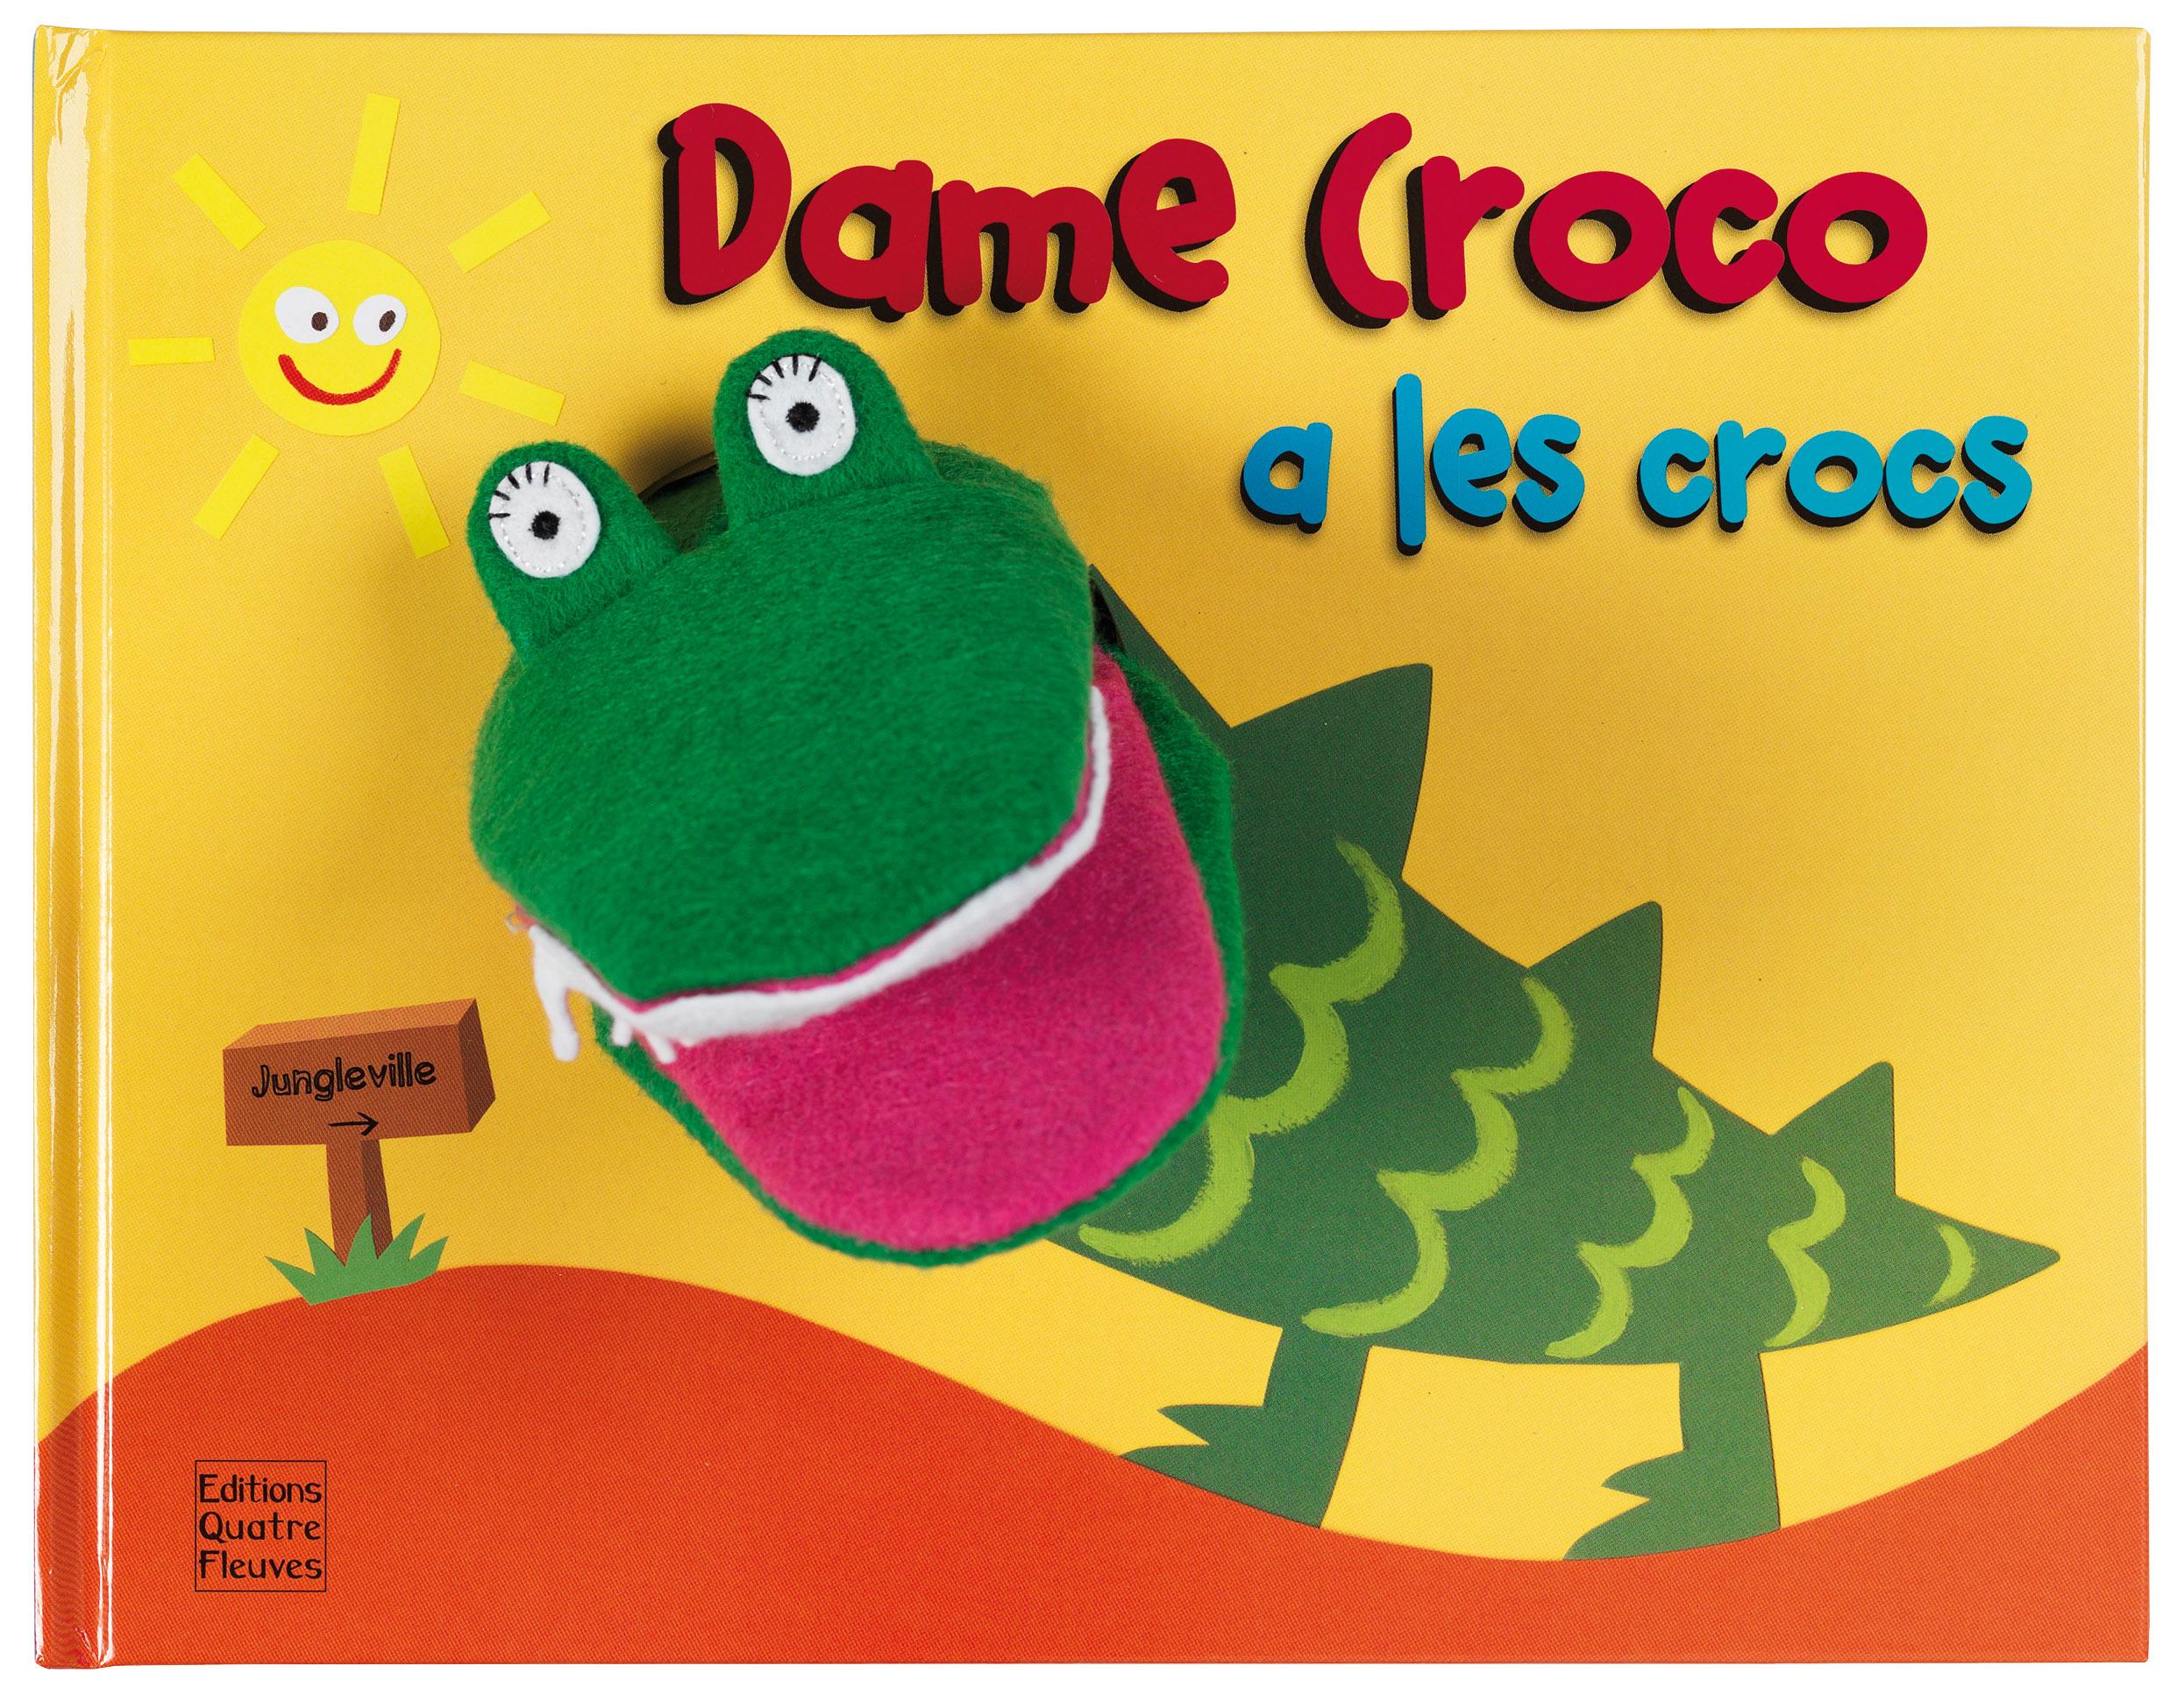 DAME CROCOS A LES CROCS !